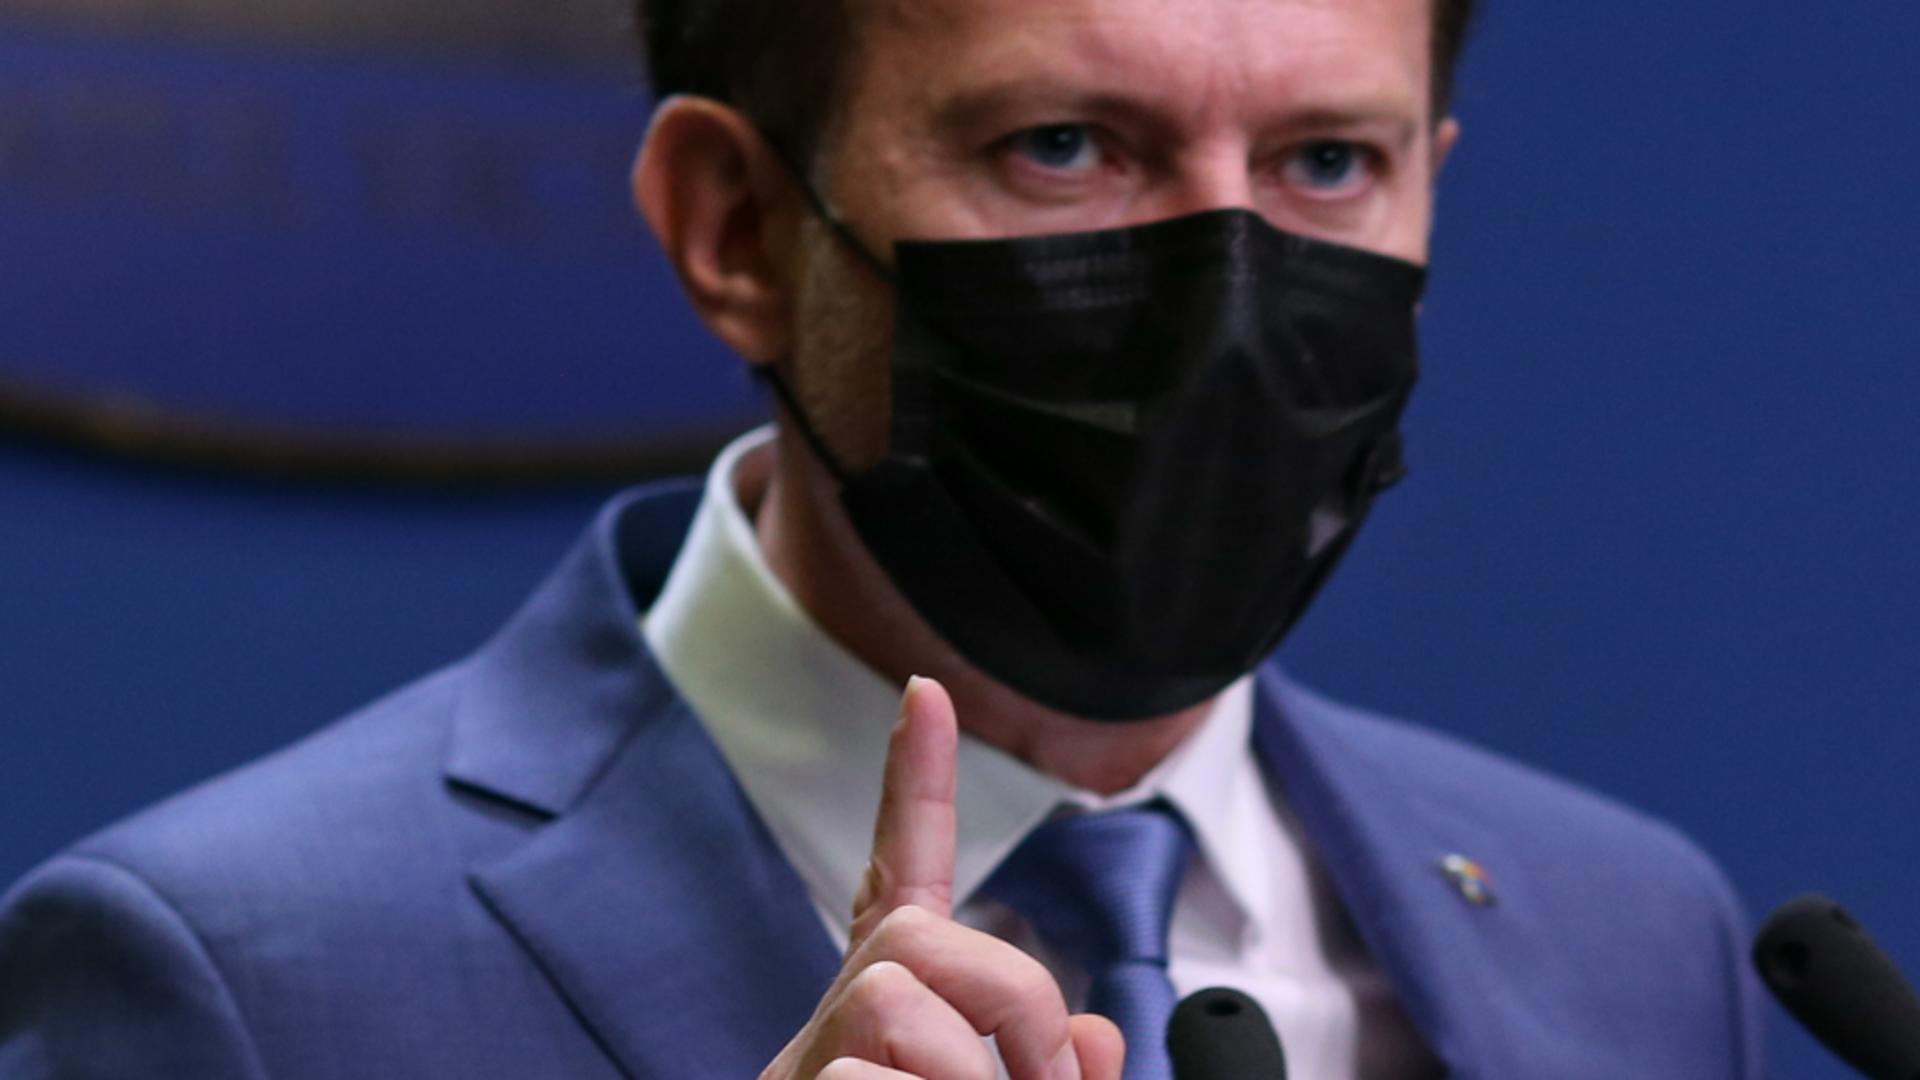 Angajaţii nevaccinaţi şi care nu au trecut prin boală se vor testa pe banii lor – ANUNȚUL premierului